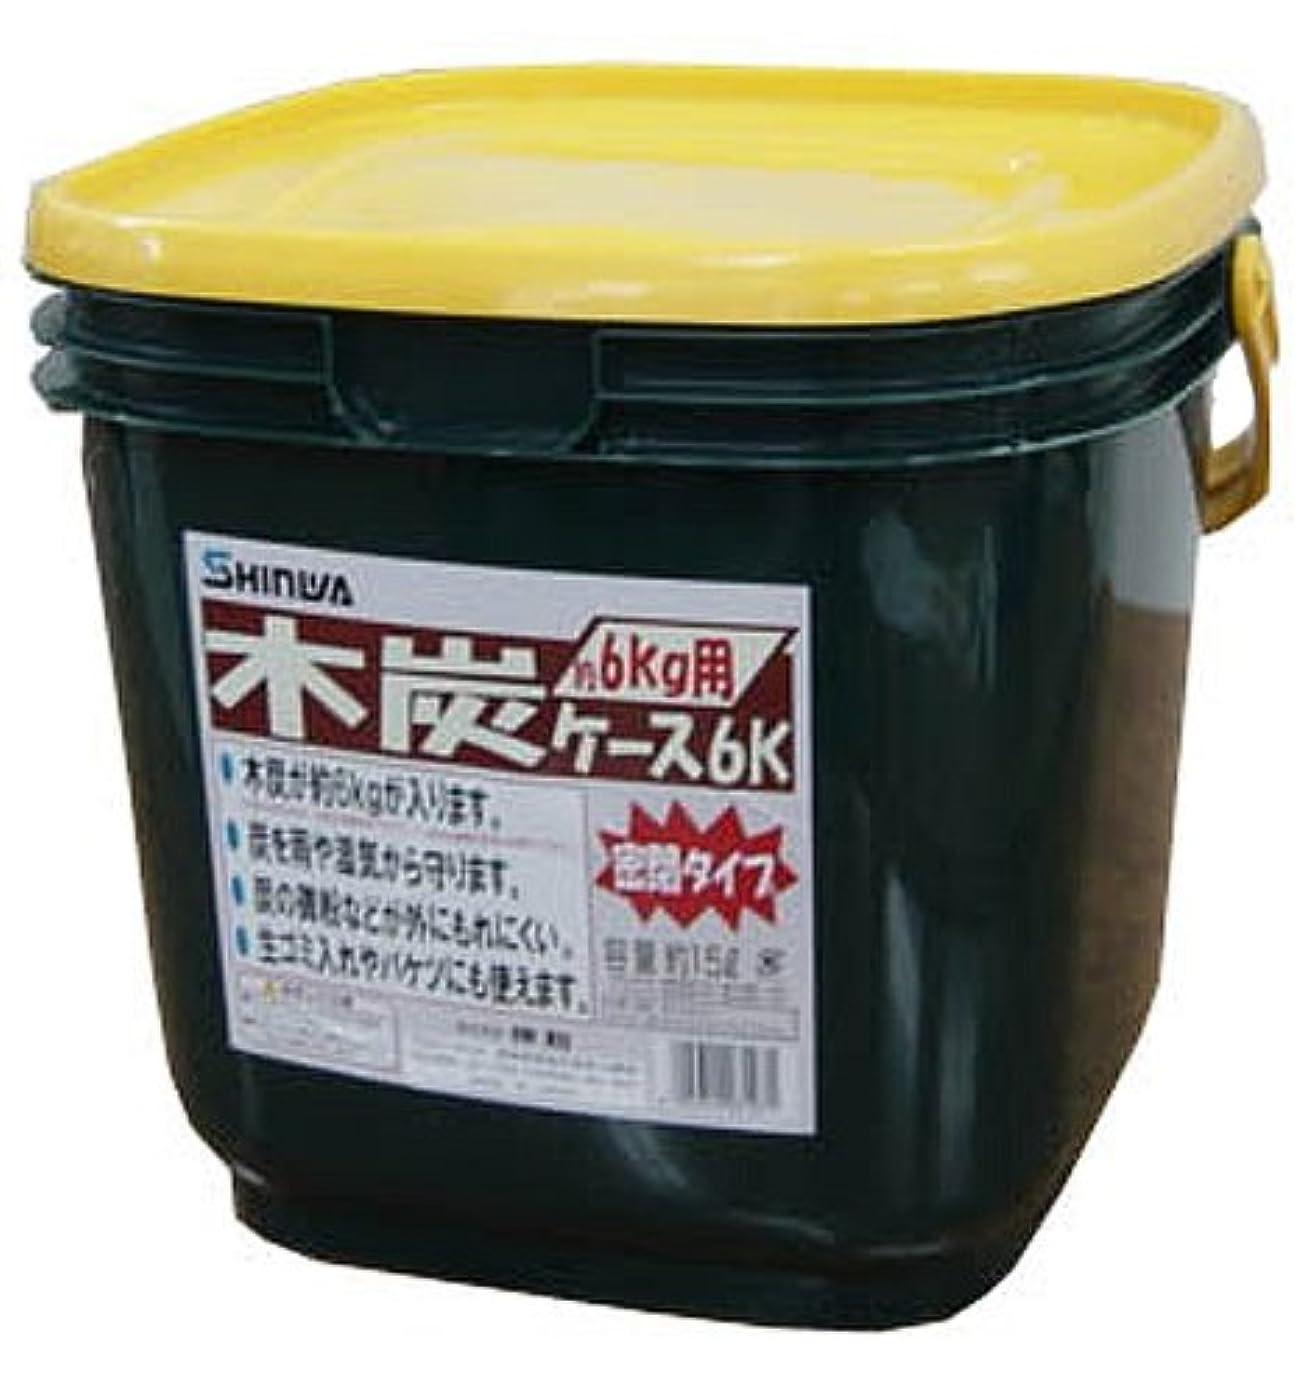 はげセンターアームストロング伸和(SHINWA) アウトドアバケツ 6K(木炭ケース) グリーン (G)